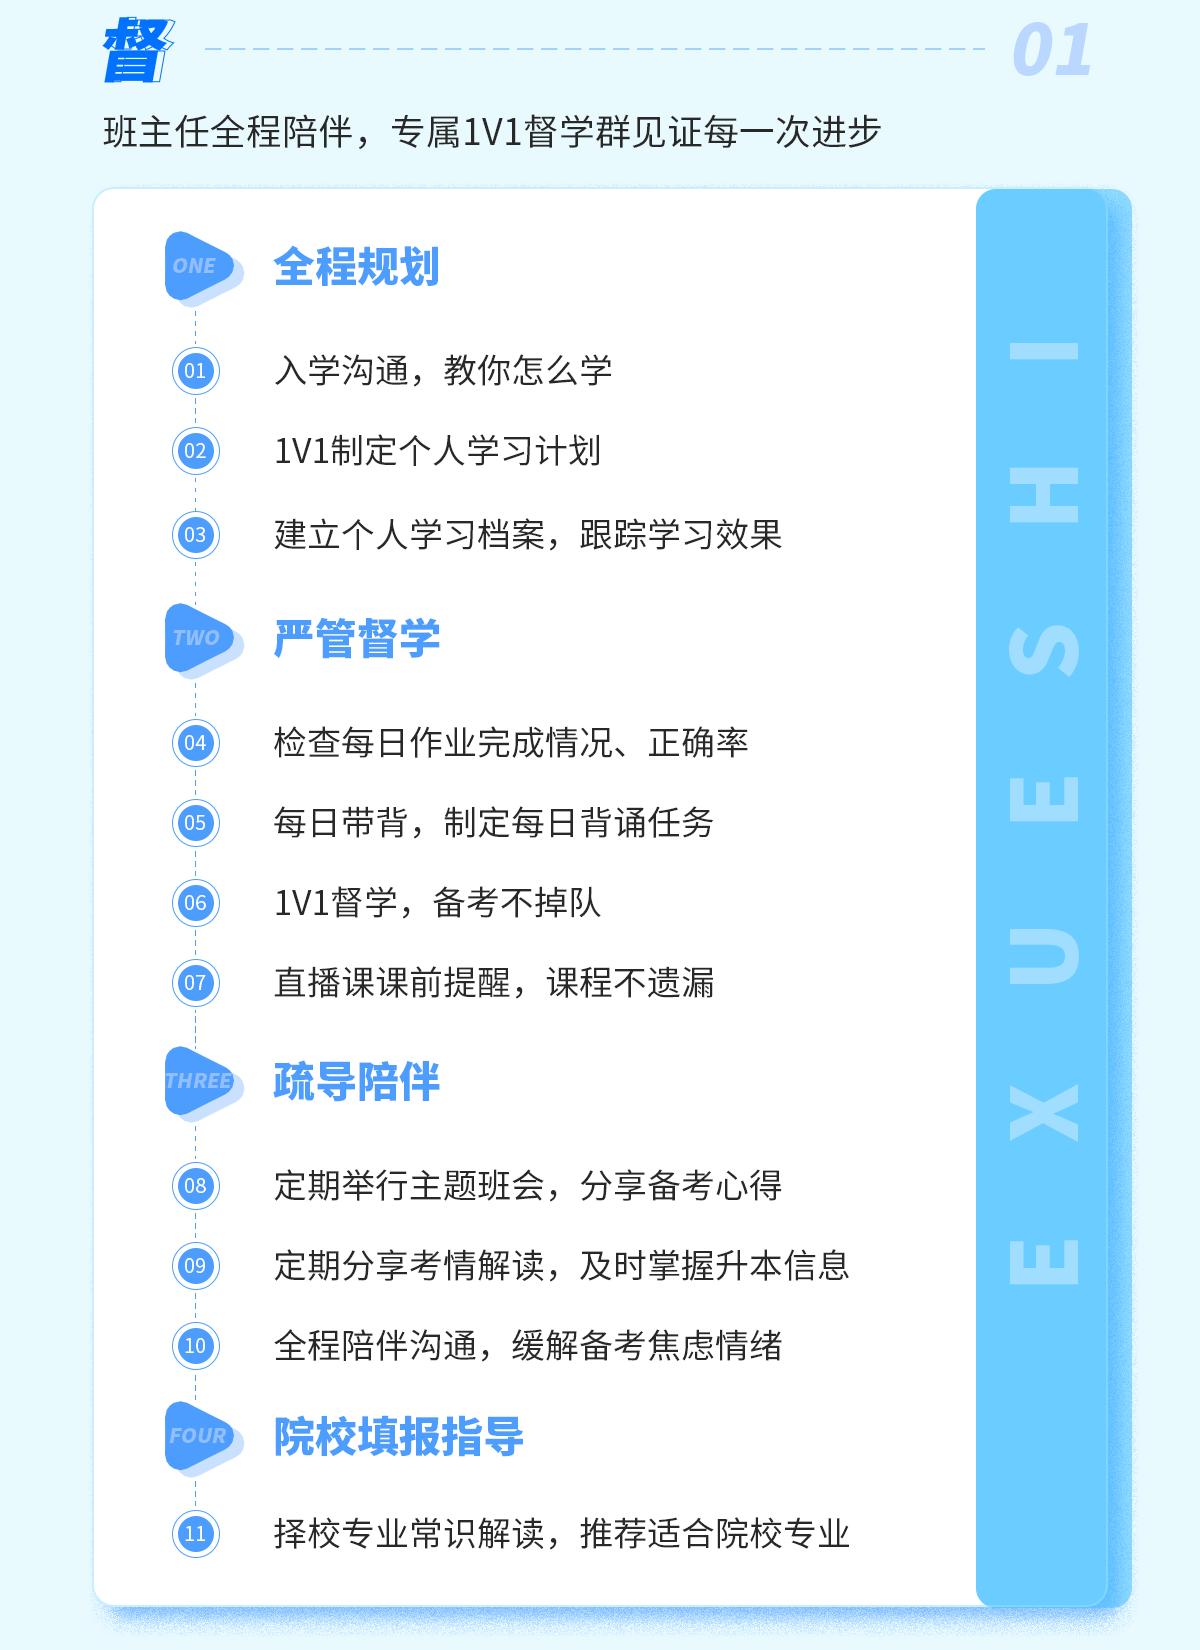 督学班详情(理科)2_02.png